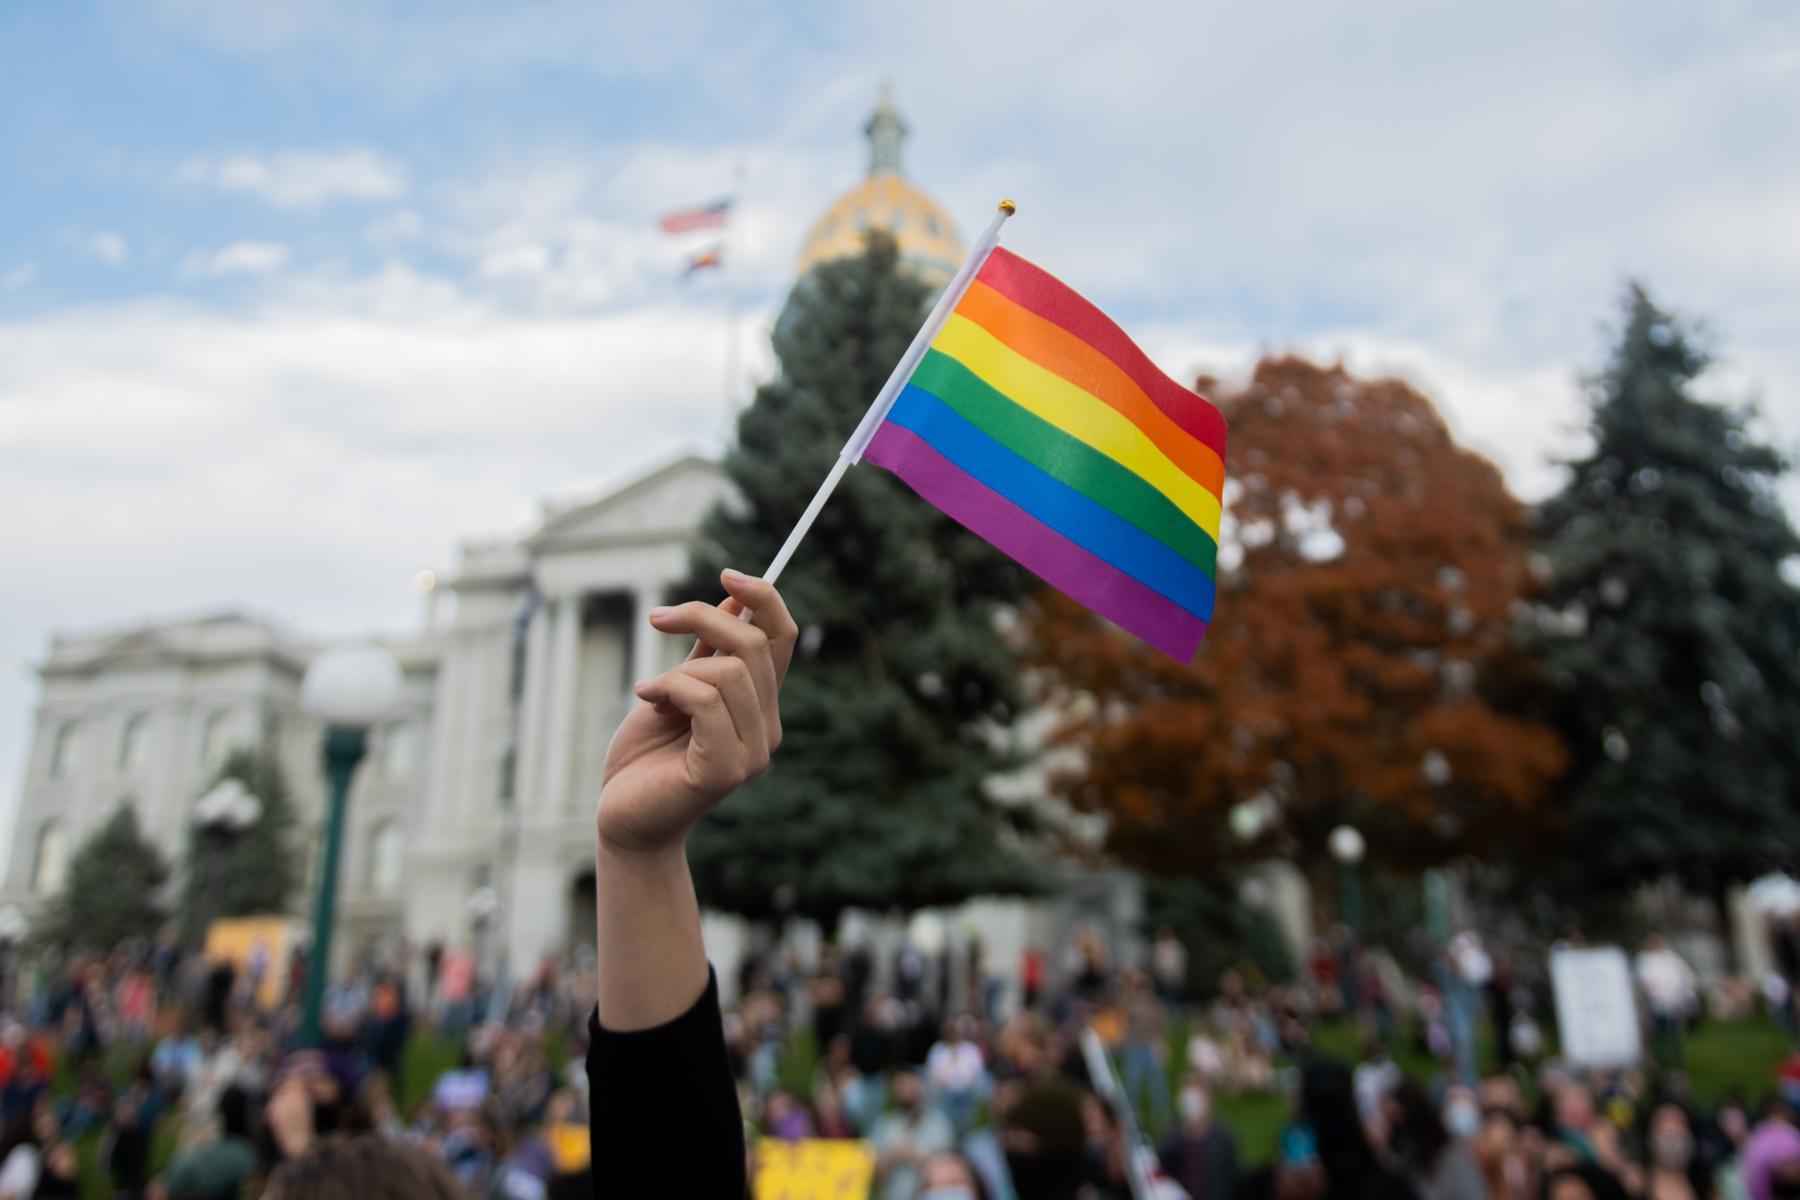 La generación z reafirma su identidad LGBTQI+ a su familia y amigos entre los 15 y los 17 años, según estudio